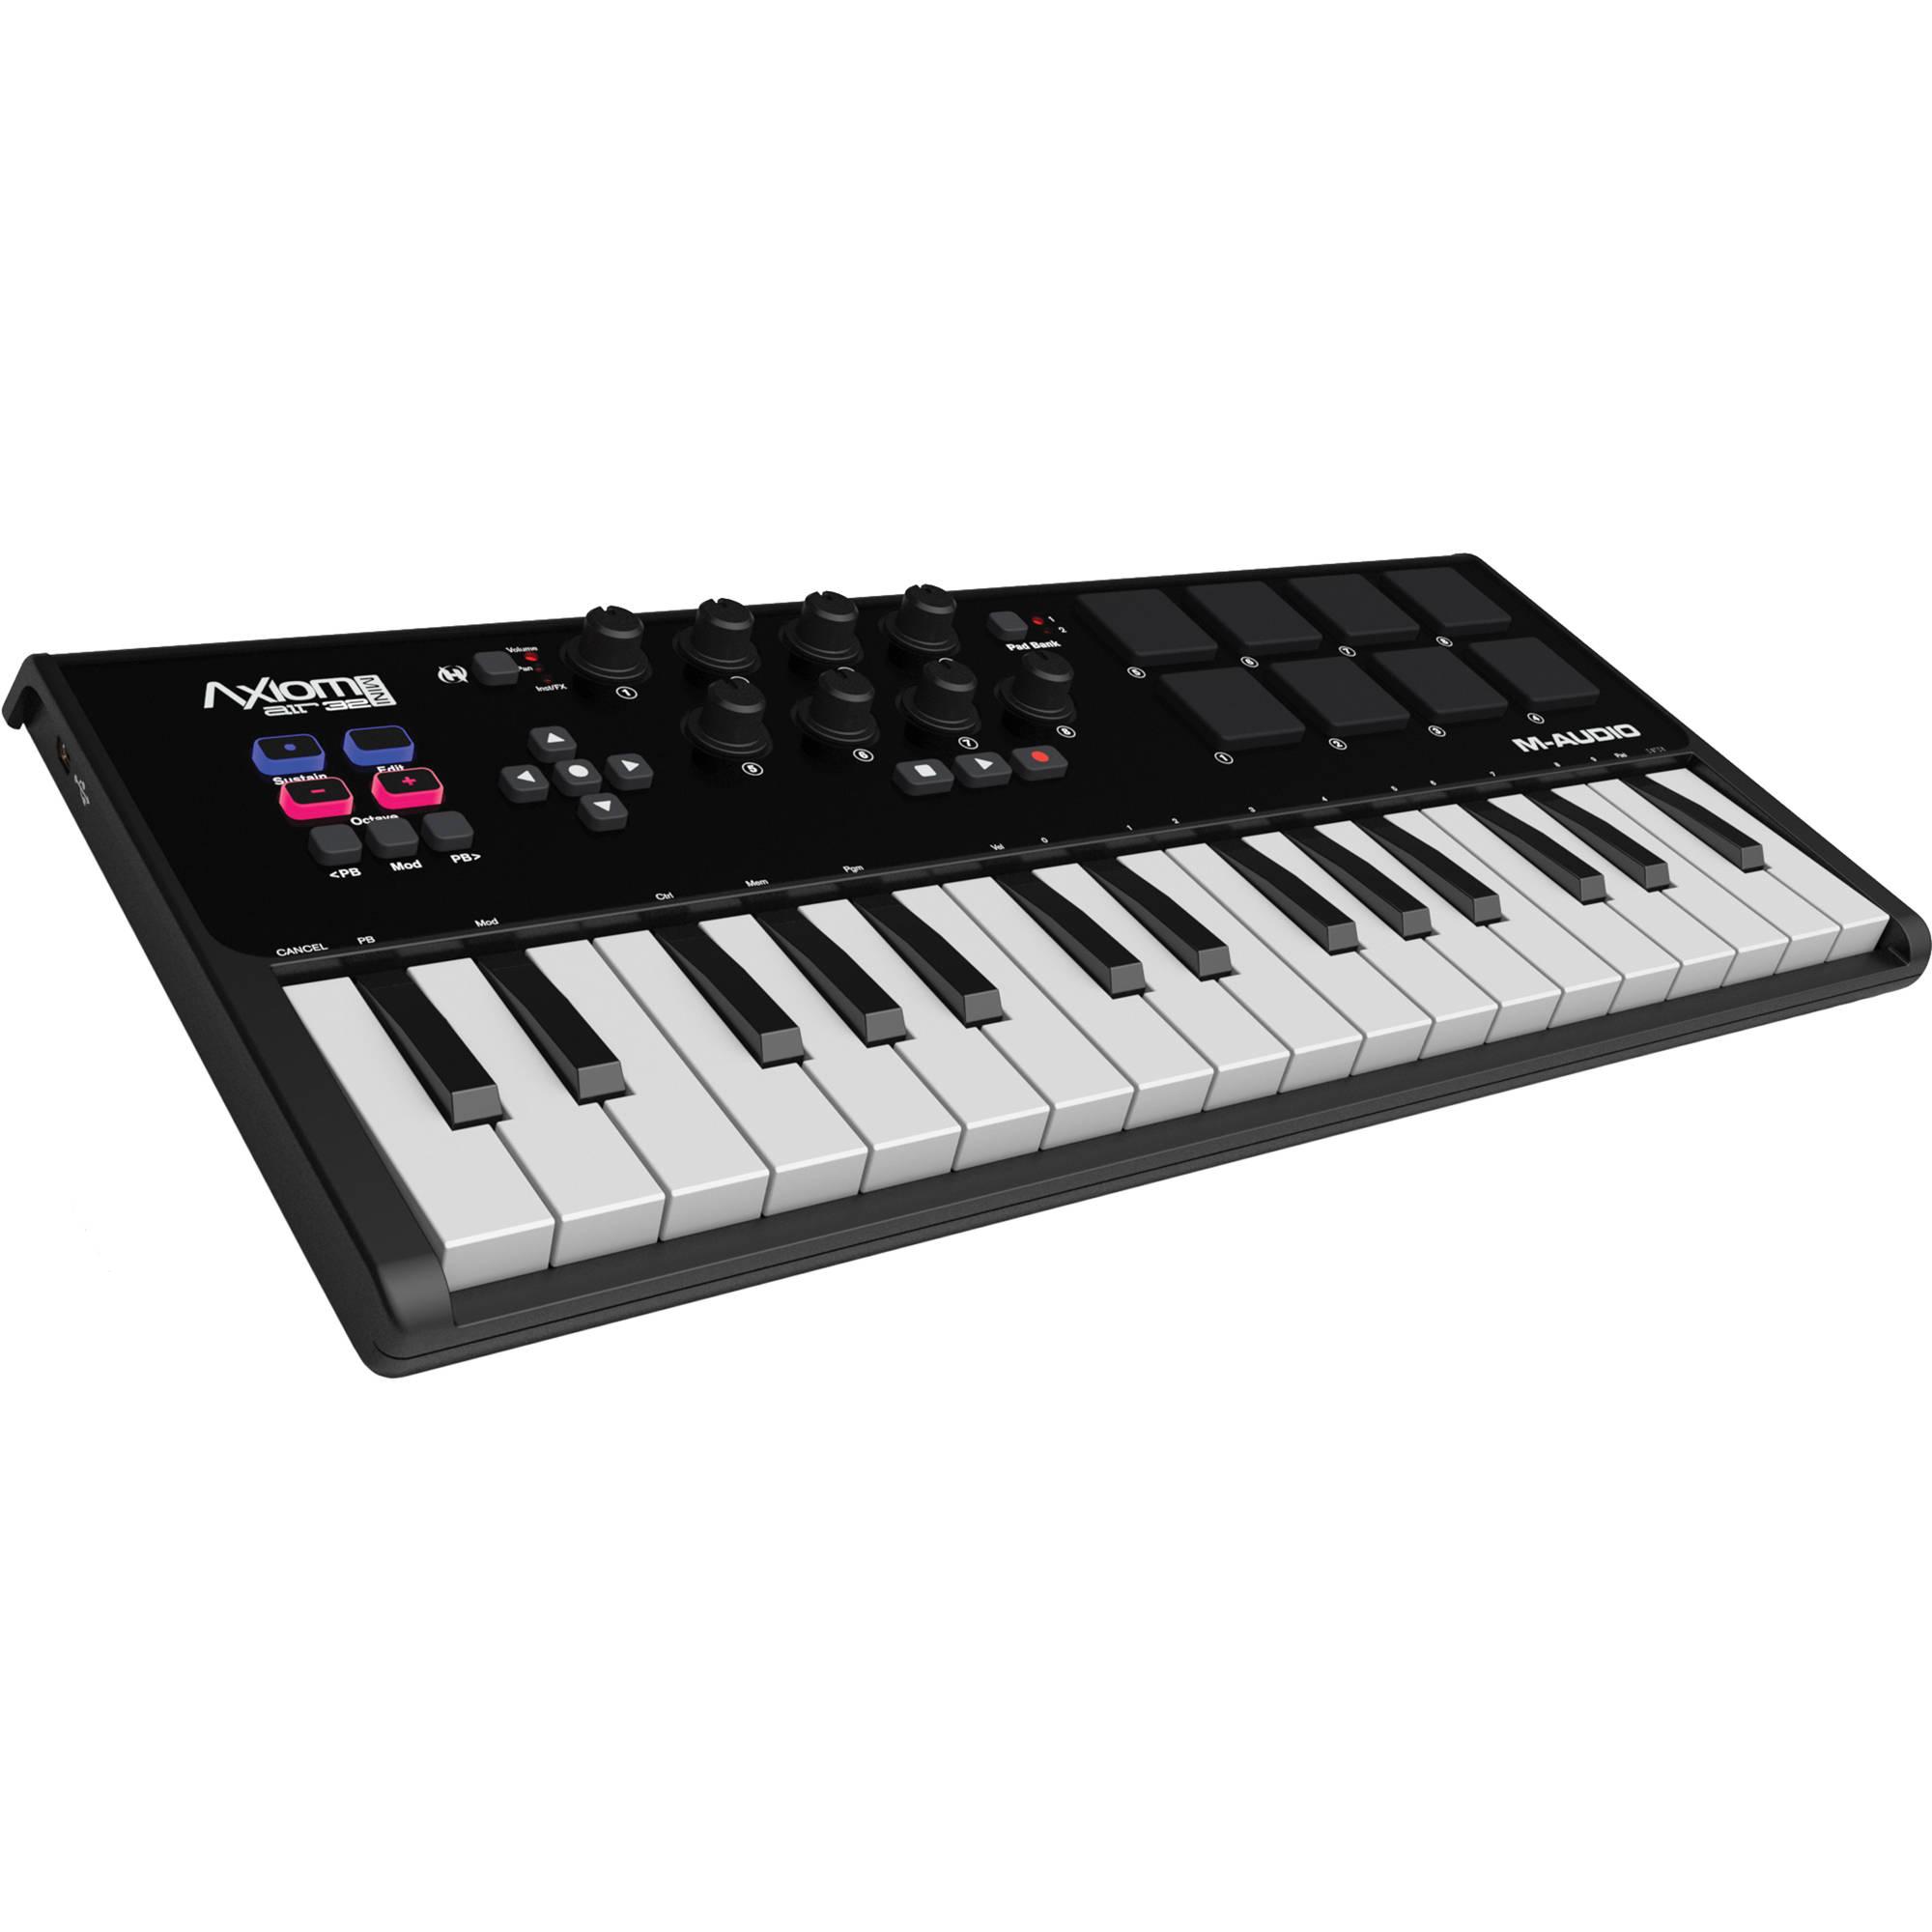 m audio axiom air mini 32 usb midi keyboard axiomairmini32 b h. Black Bedroom Furniture Sets. Home Design Ideas